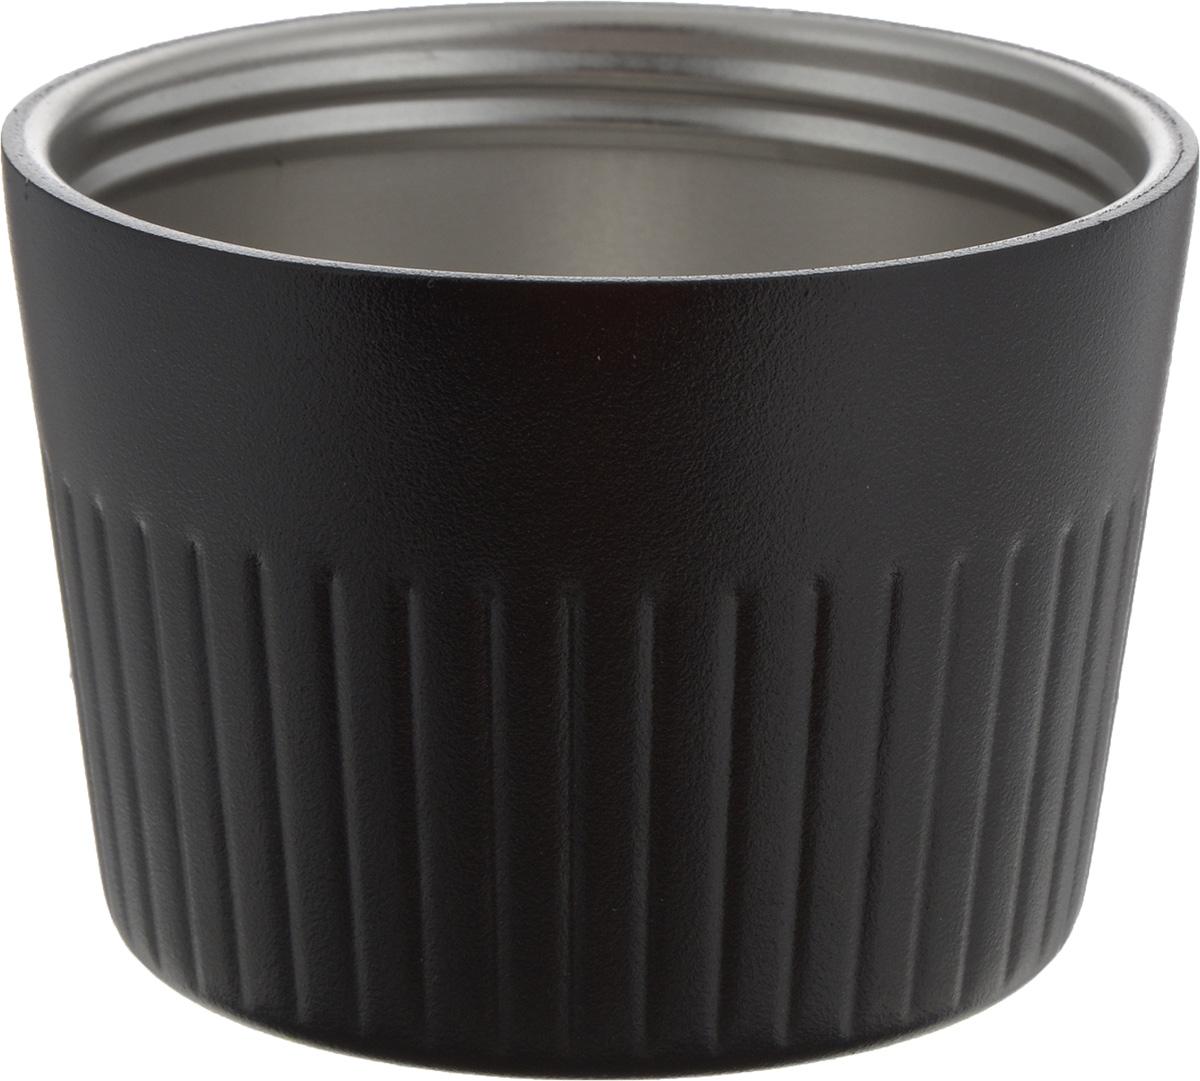 Термокружка Primus Trailbreak Cup, цвет: черный, 250 млW20269Крышка-чашка Primus Trailbreak Cup изготовлена из пластика и стали. Такая кружка станет незаменима в походах и на пикнике. Ее можно использовать как крышку для термоса. Пластиковое покрытие убережет ваши руки от ожогов, если в кружку налит горячий чай.Объем кружки: 250 мл.Размеры: 8,5 х 8,5 х 6 см.